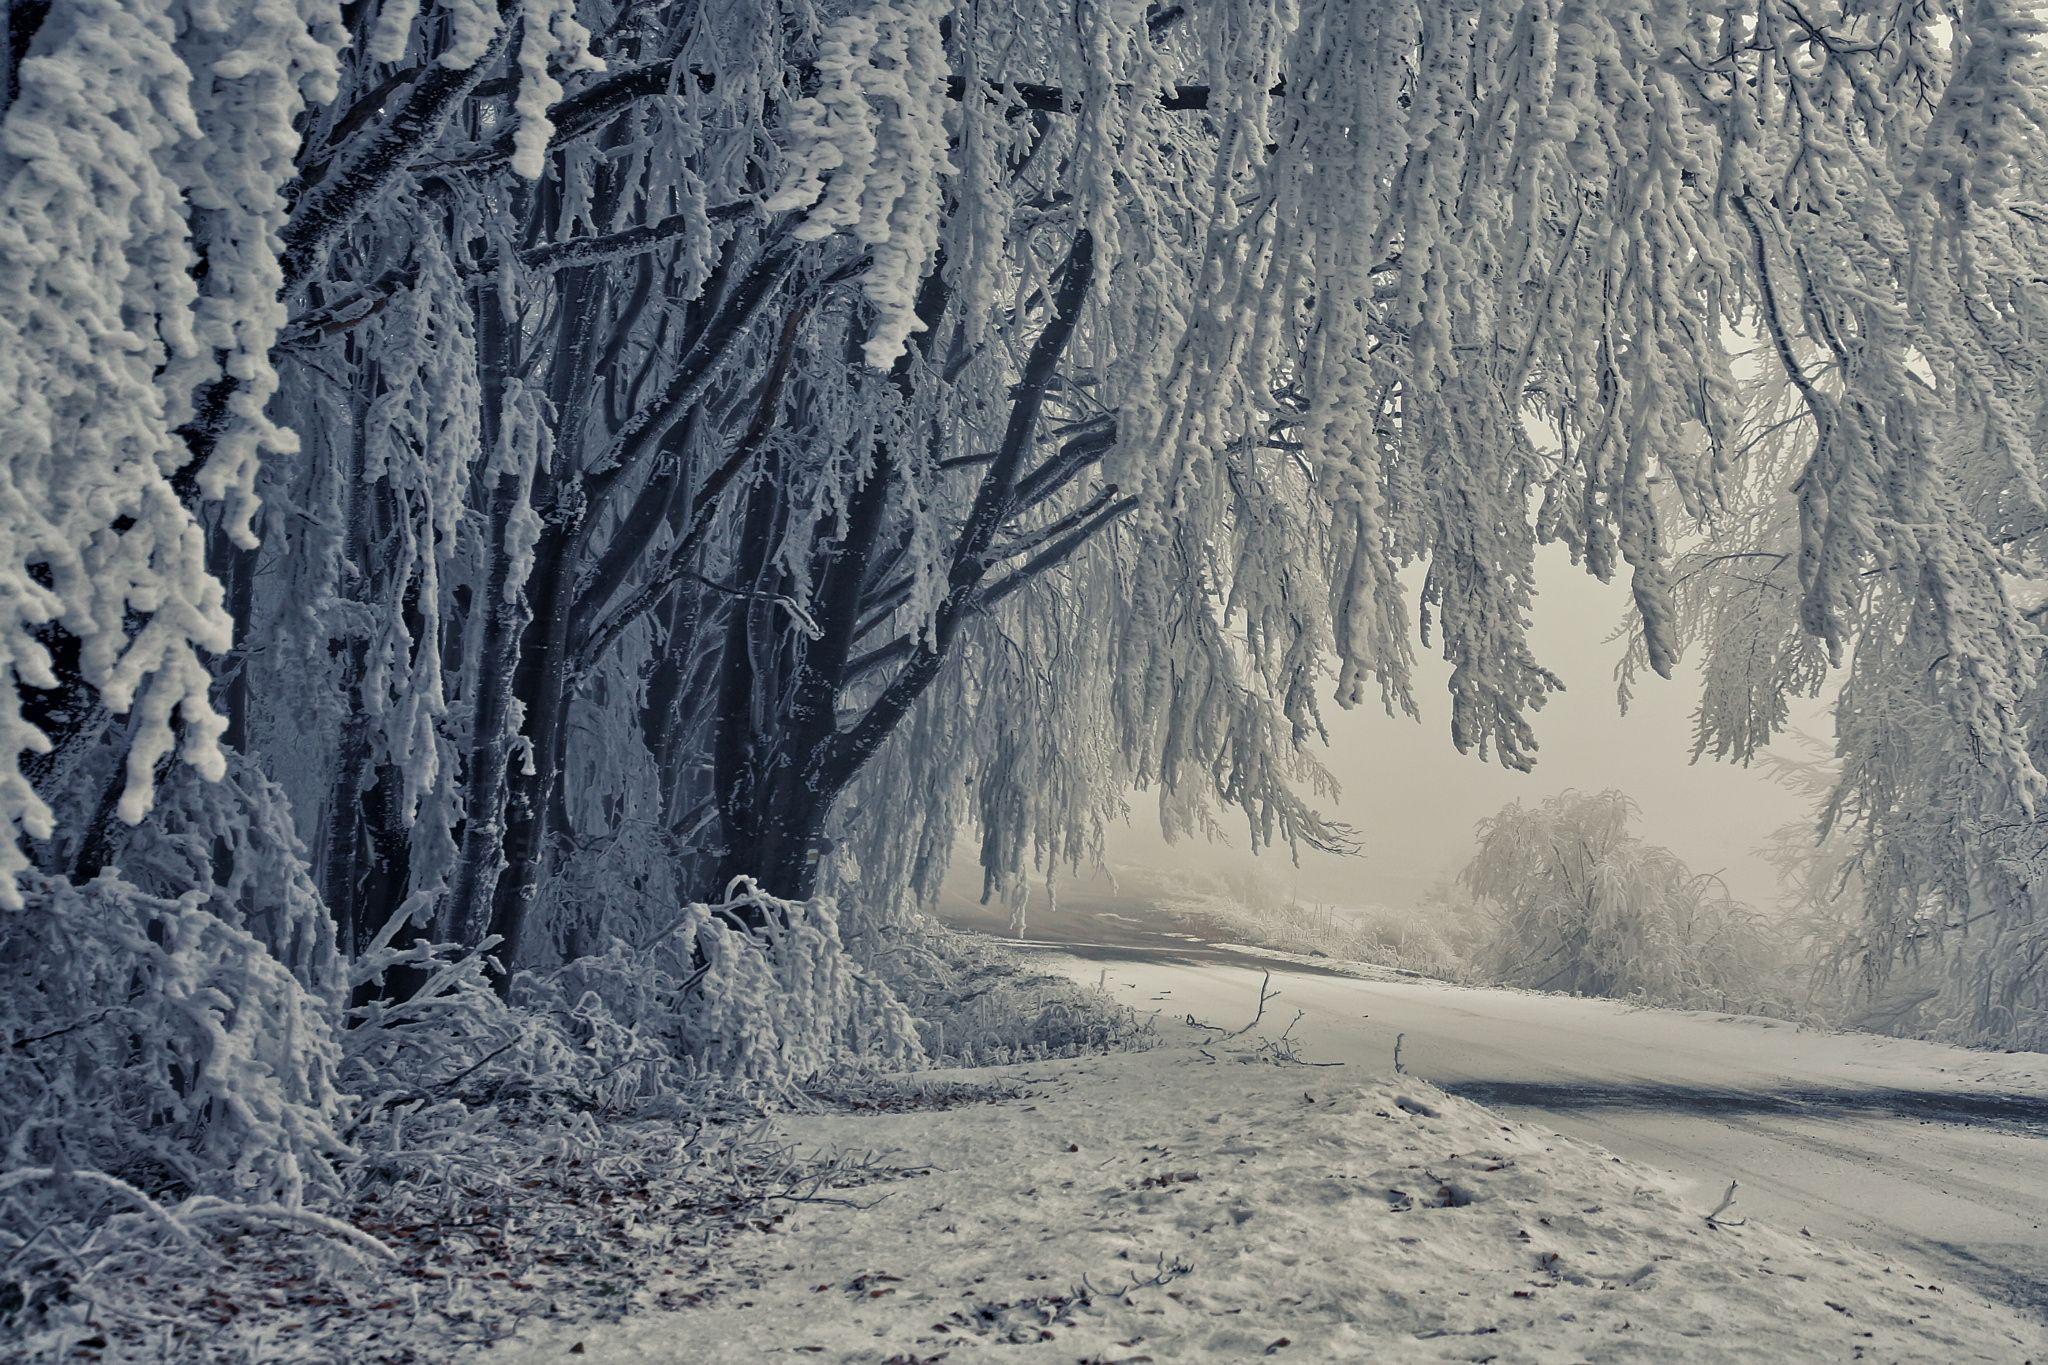 Frozen emotions by Ralitsa Byalkova on 500px